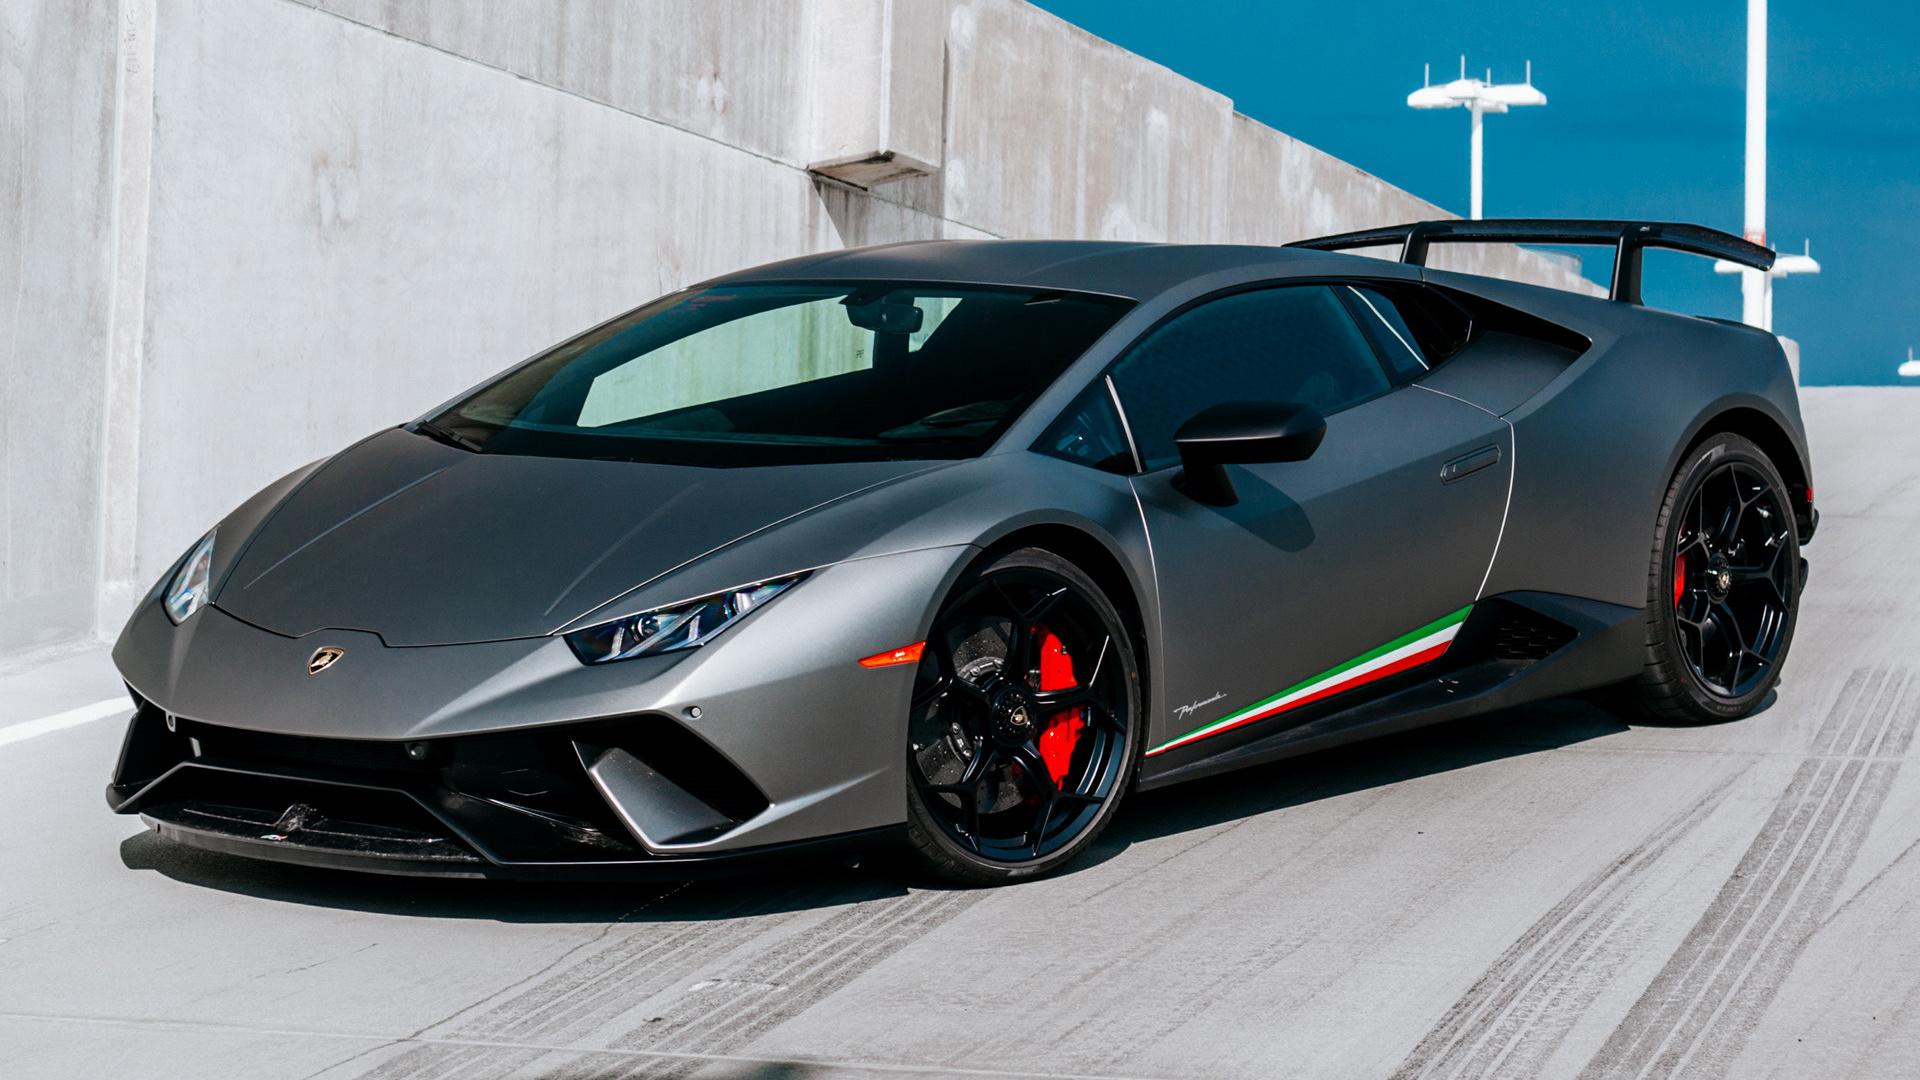 2018 Lamborghini Huracan Performante >> 2017 Lamborghini Huracan Performante (US) - Wallpapers and ...